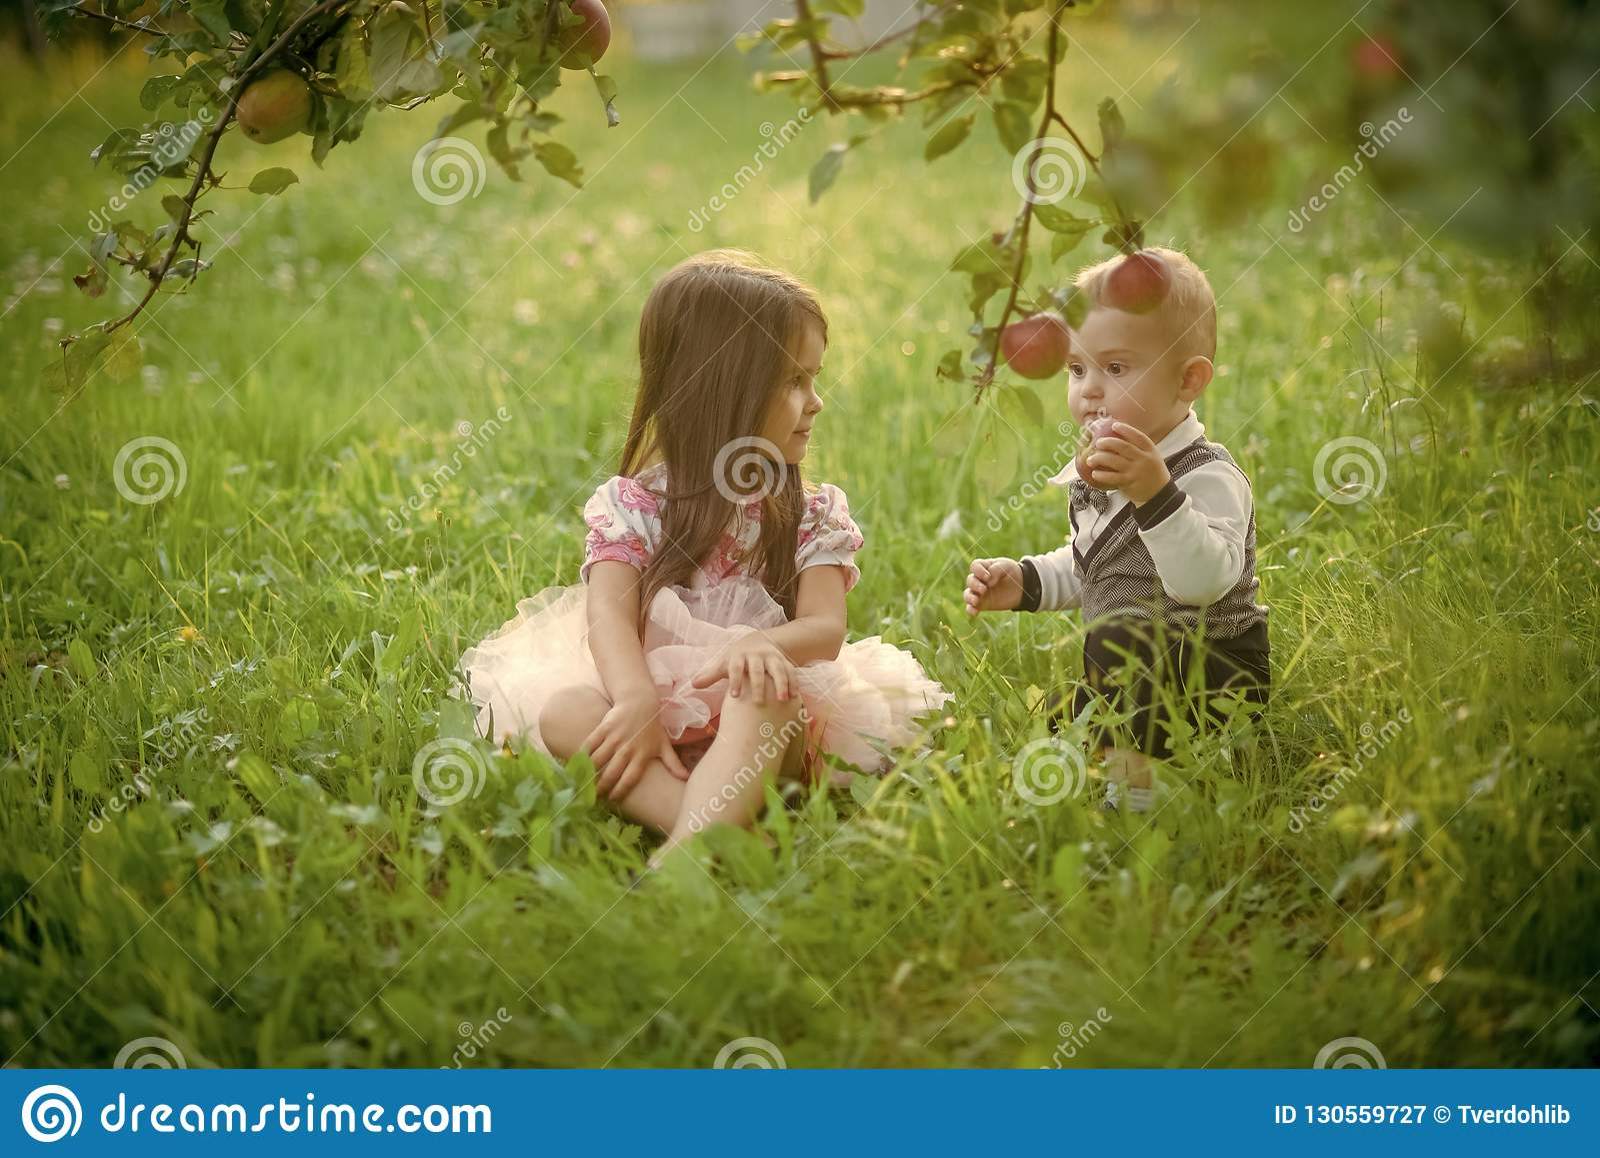 Barn sitter under äppleträd i sommar parkerar